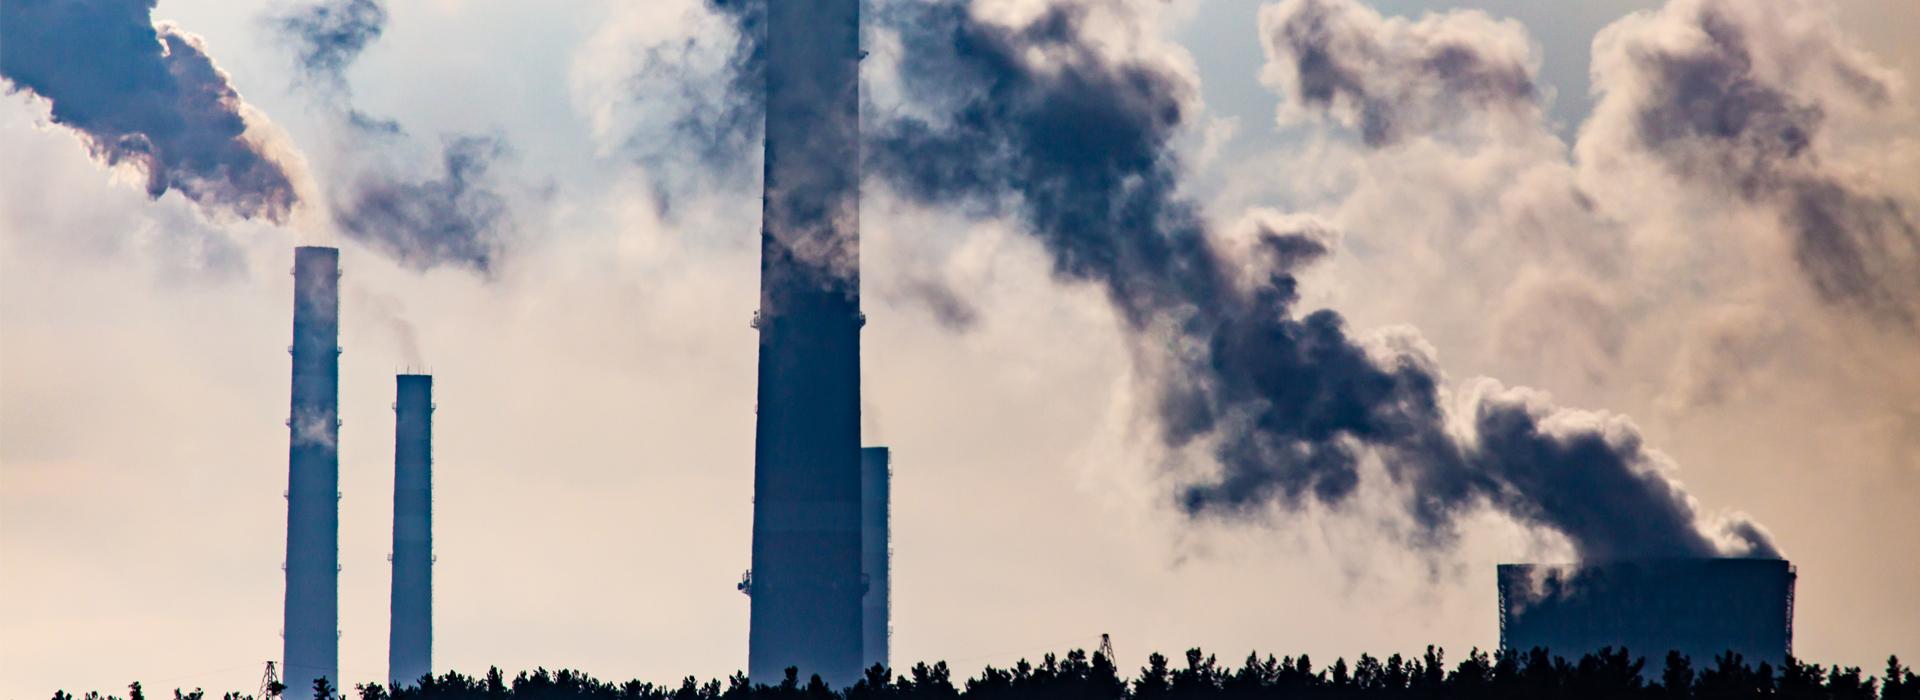 《空污法》大翻修 汙染源管制標準往後「中央說的算」